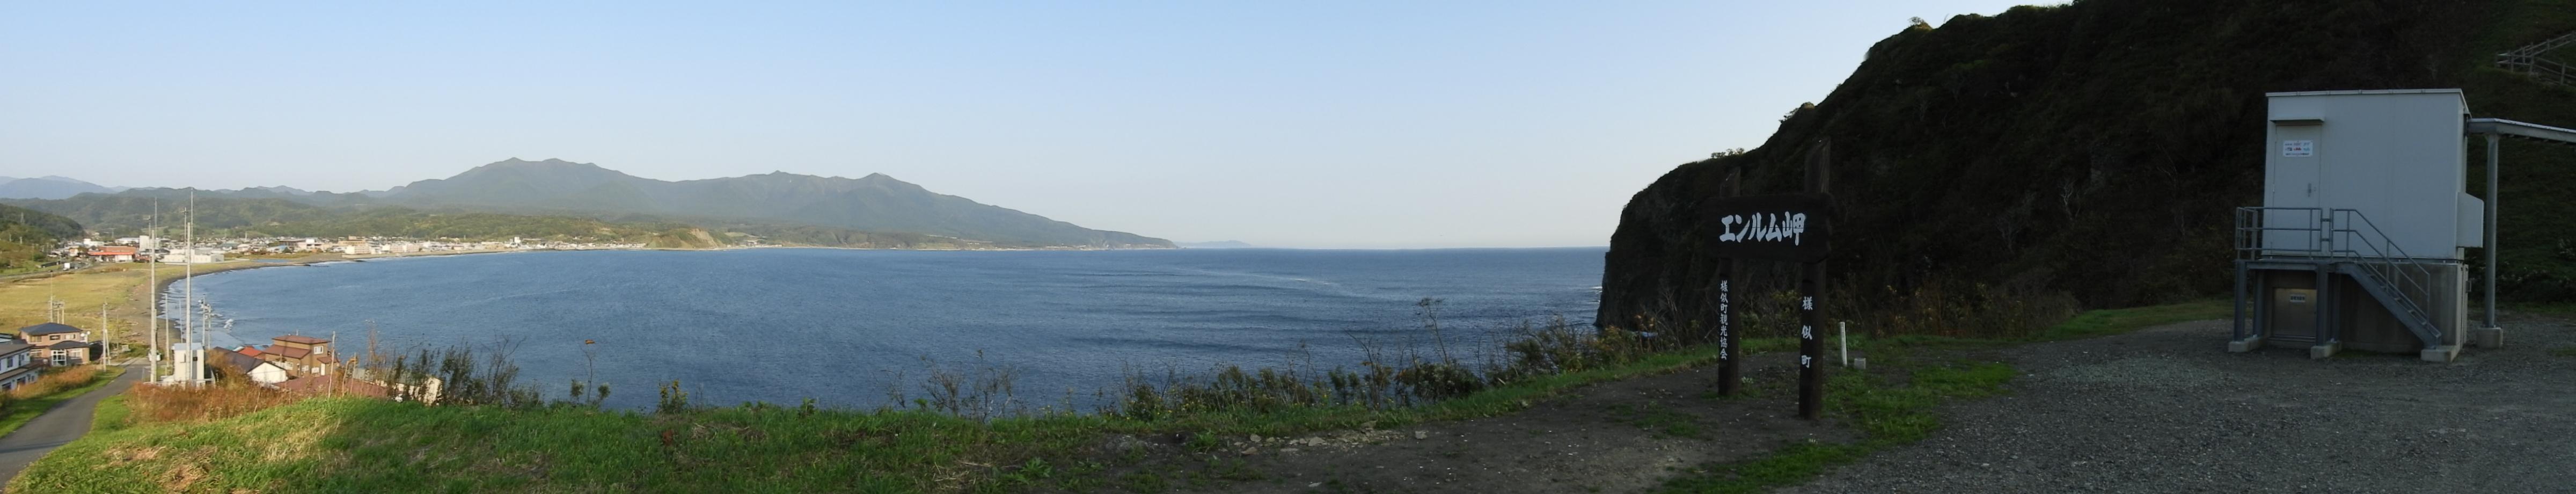 エンルム岬からえりも岬方面